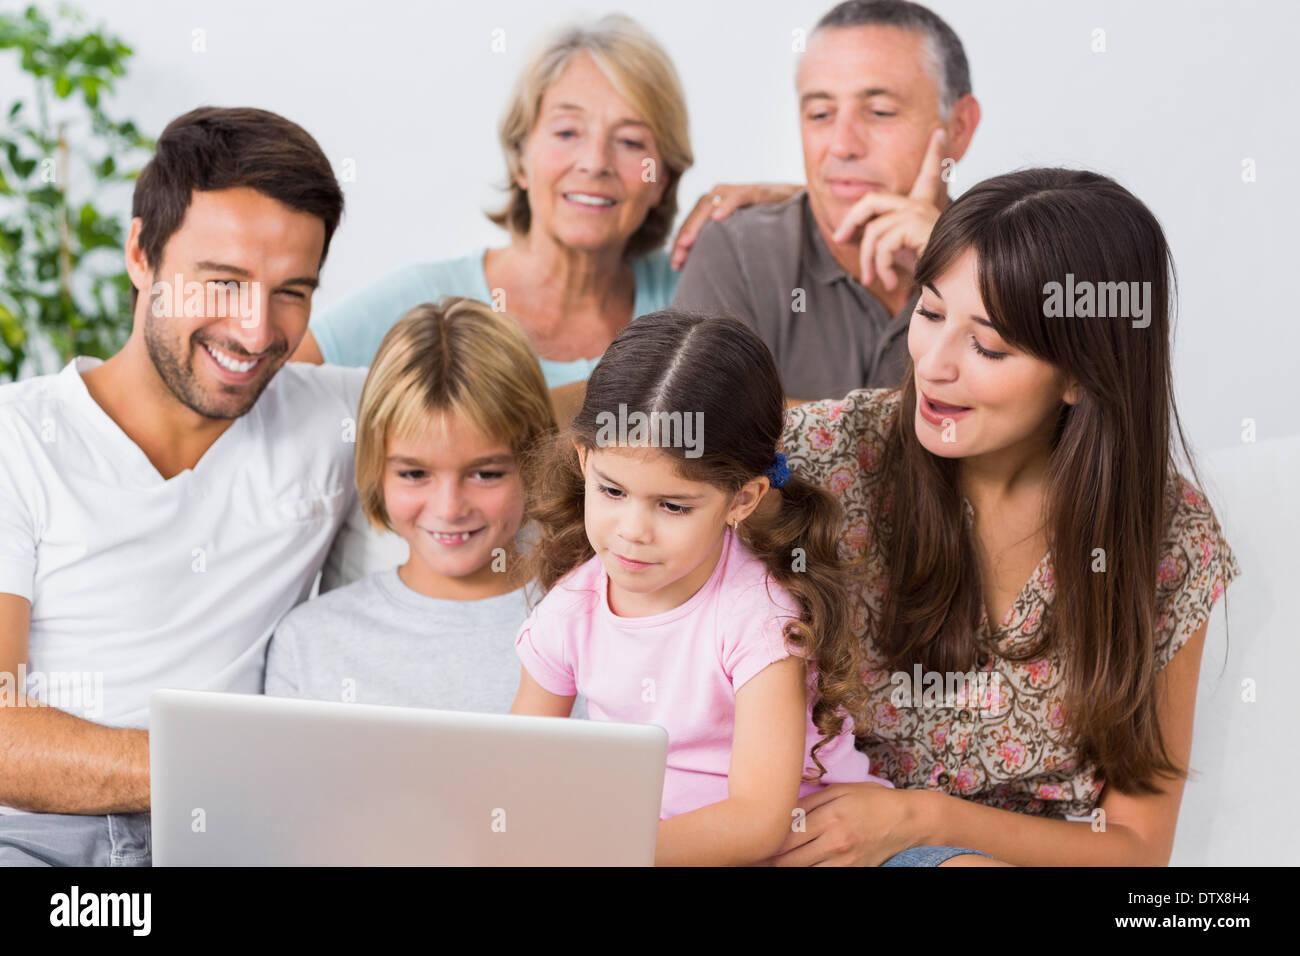 Smiling family regarder quelque chose sur l'ordinateur portable Photo Stock